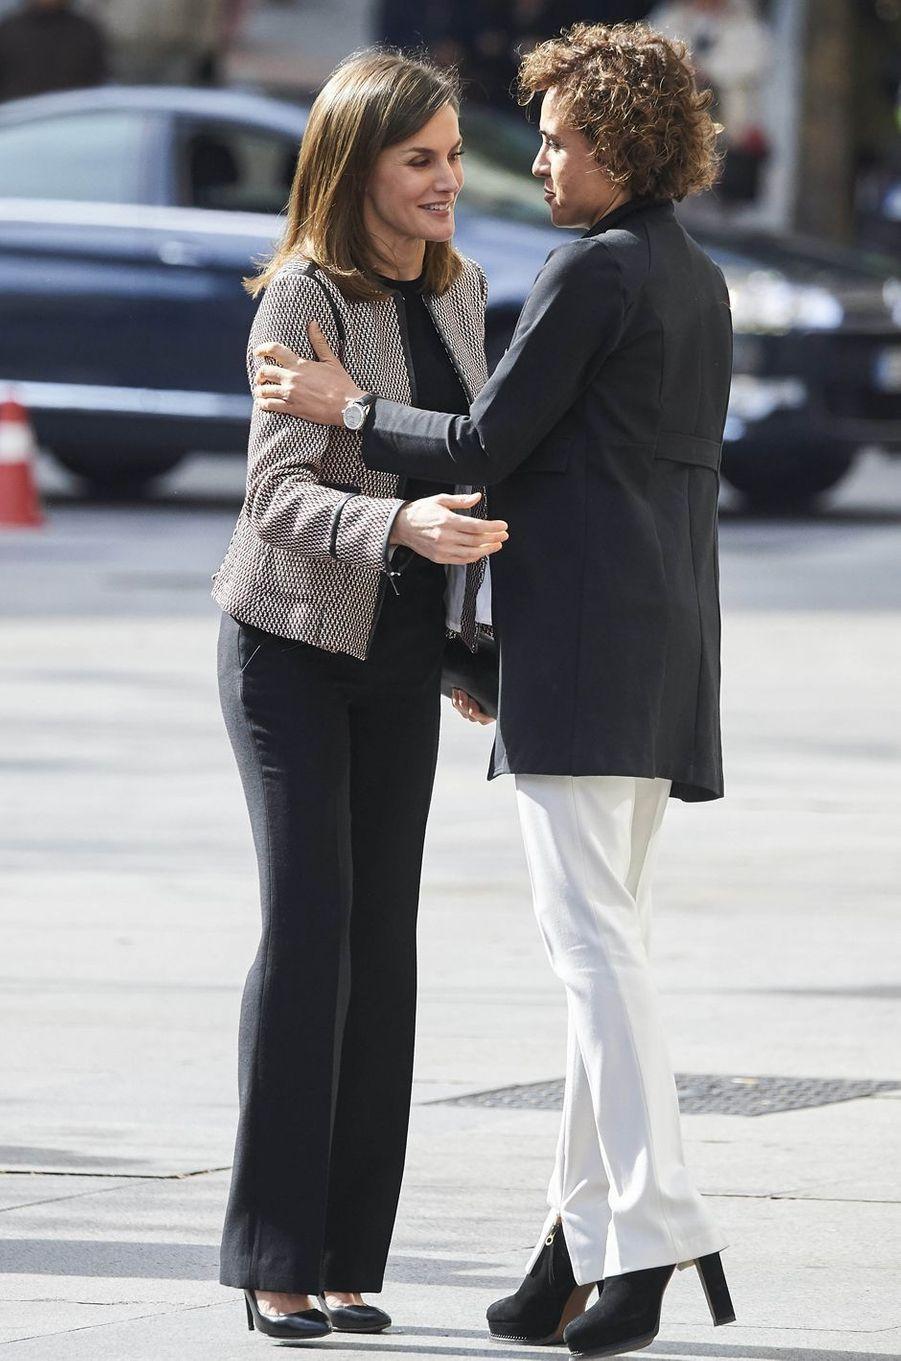 La reine Letizia d'Espagne avec la ministre Dolors Monserrat à Madrid, le 5 avril 2018